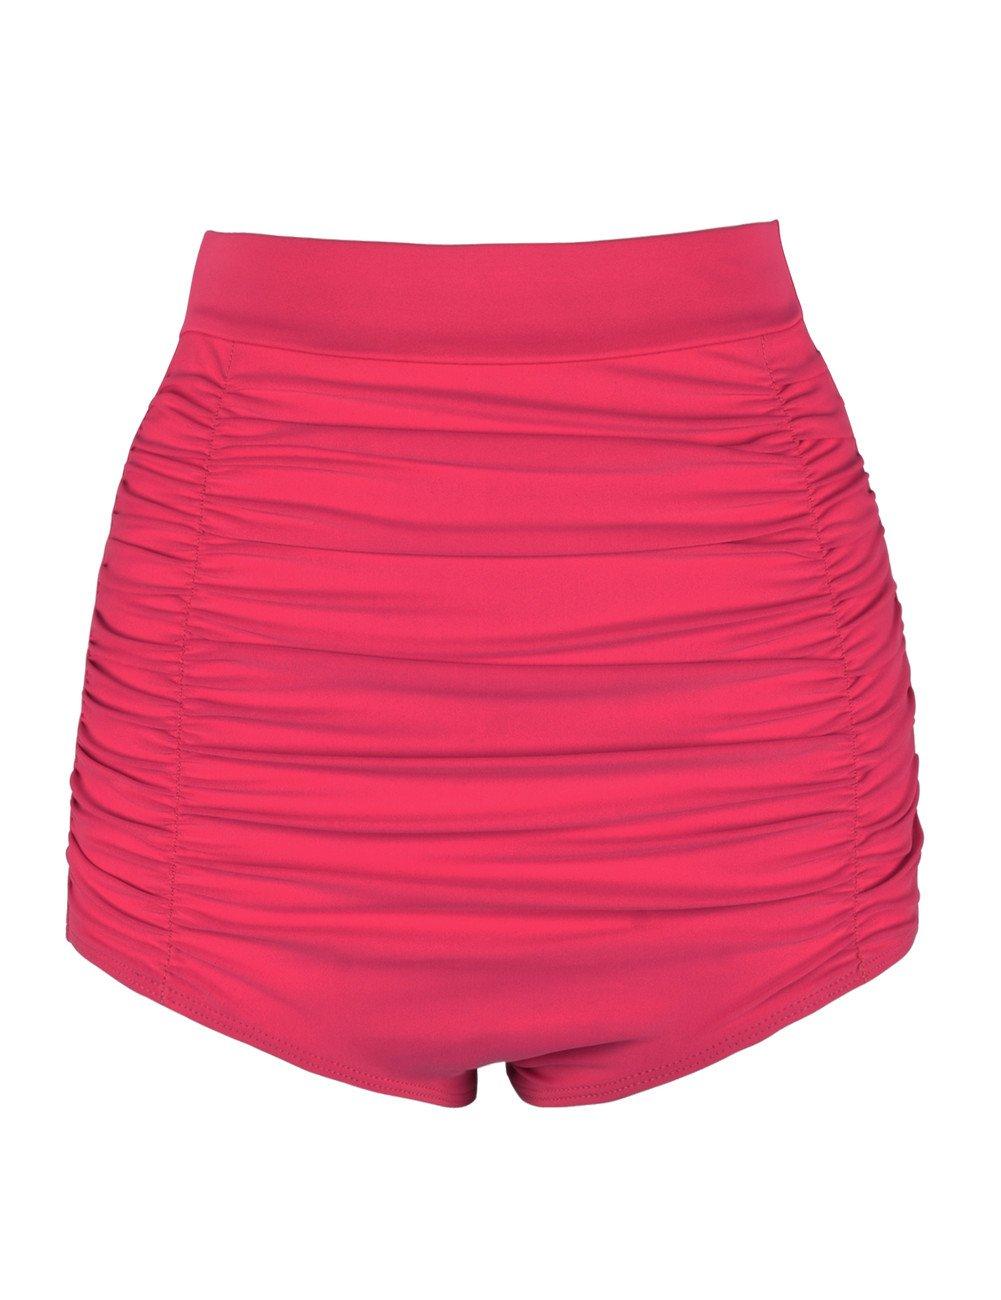 Hilor Women's Vintage High Waisted Bikini Bottom Shirred Tankini Briefs Swim Shorts YSK27171